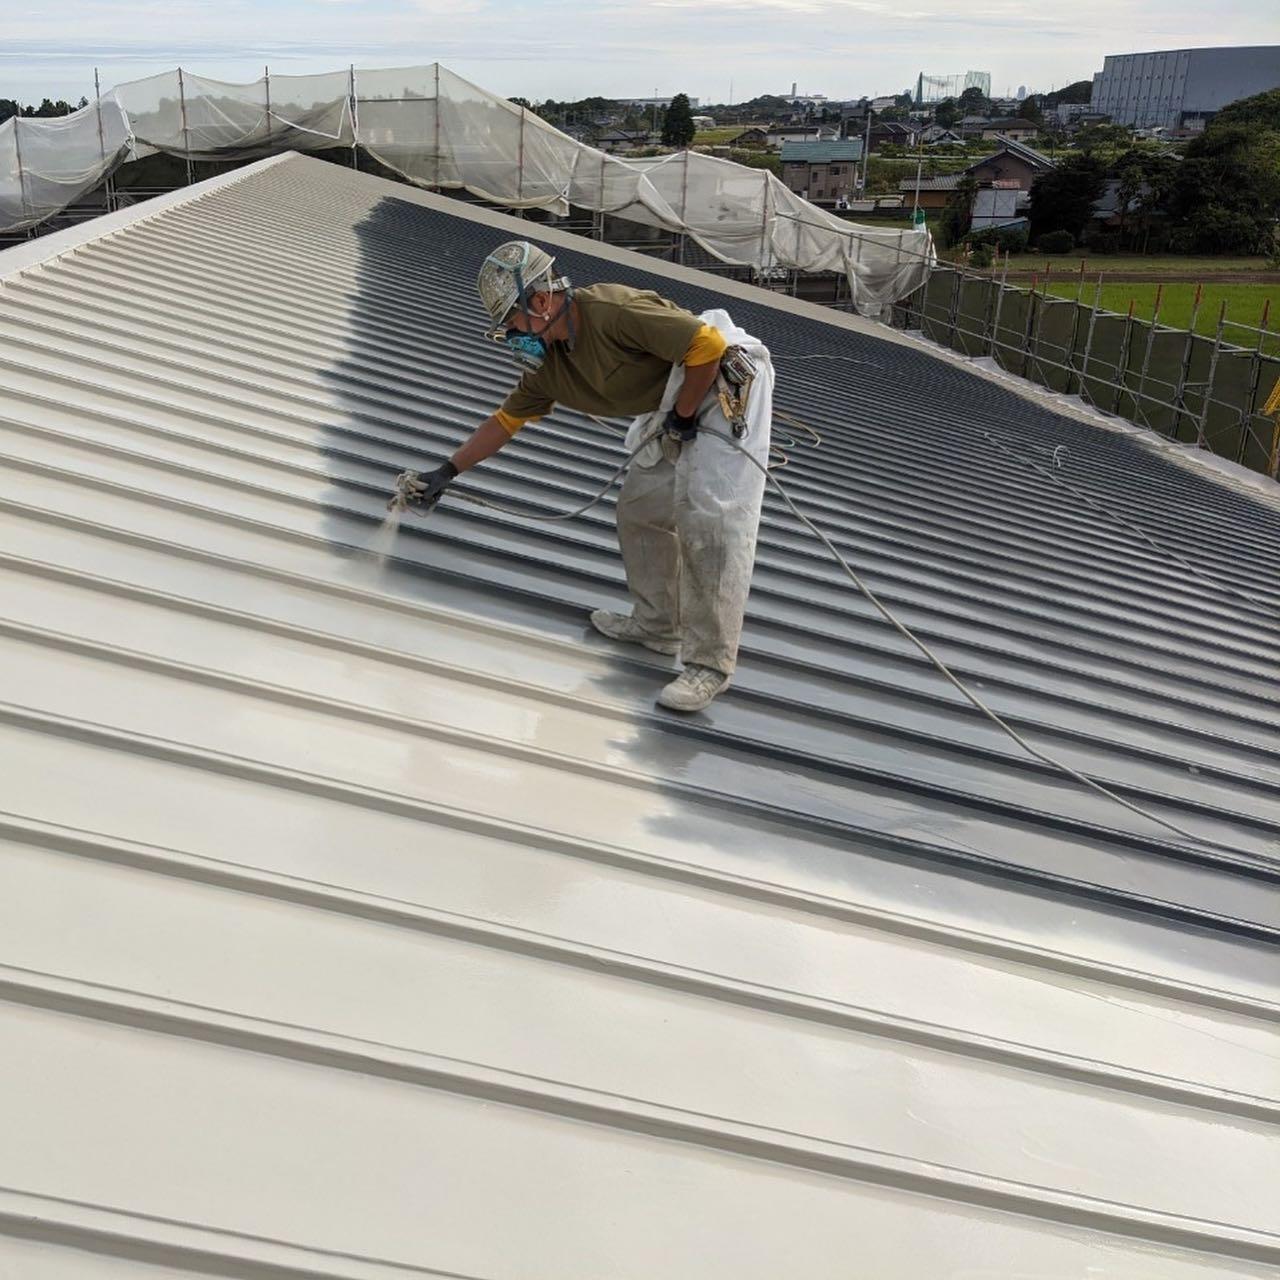 瓦棒金属屋根超速硬化ウレタン防水工事が完了しています。#超速硬化ウレタン#超速硬化塗膜防水#吹付屋#防水屋 #株式会社ビルドテック